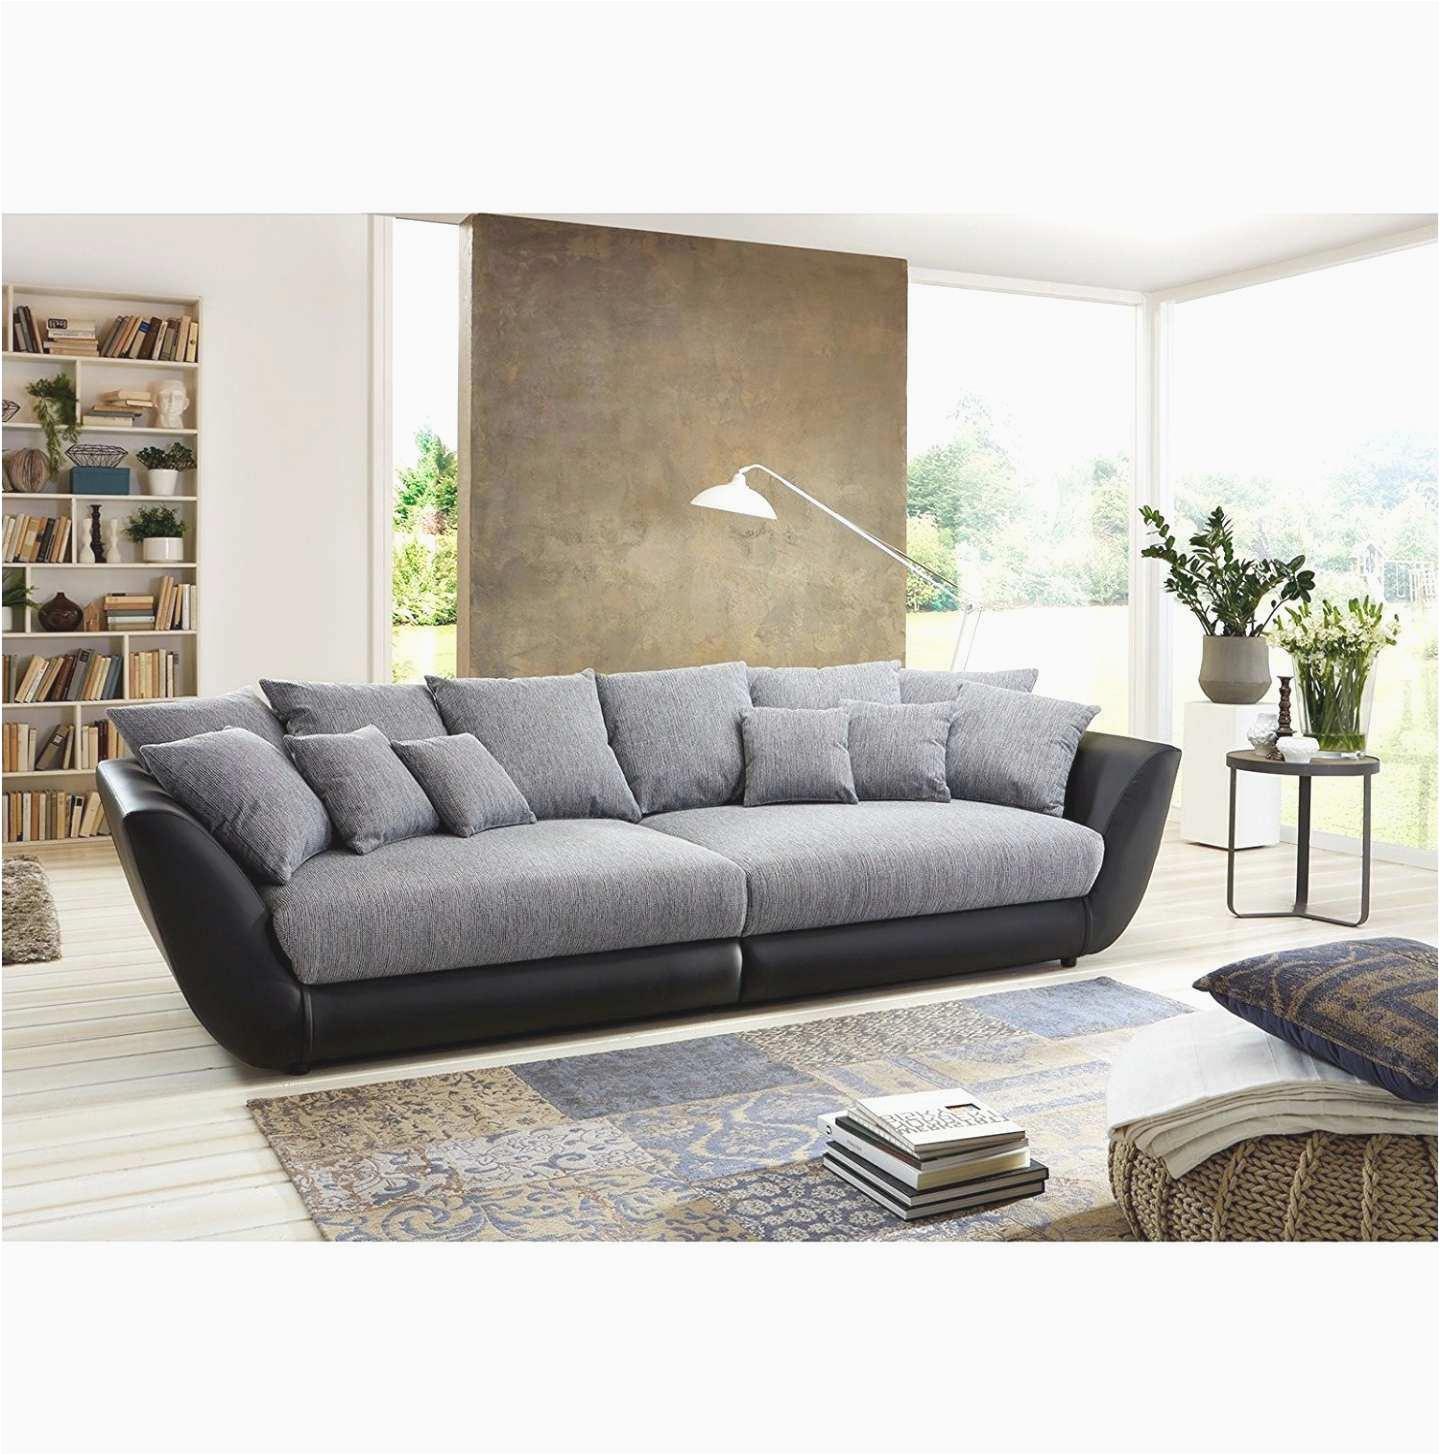 sofa l form frisch u sofa xxl schon big sofa l form luxus u couch u couch 0d s of sofa l form